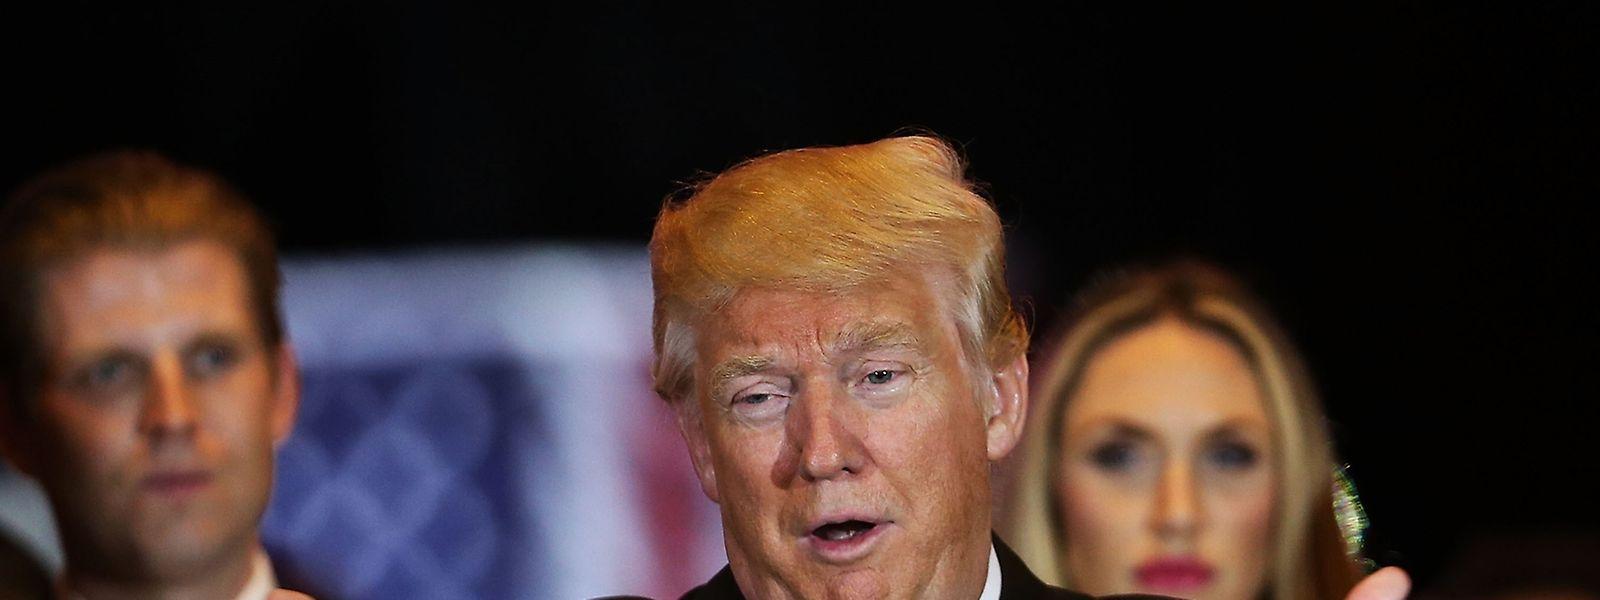 """Dans l'Indiana mardi, Donald Trump a remporté 53% des voix républicaines contre le sénateur du Texas (37%), qui a annoncé dans la foulée, """"le coeur lourd"""", qu'il suspendait sa campagne, constatant que sa candidature n'était plus viable."""